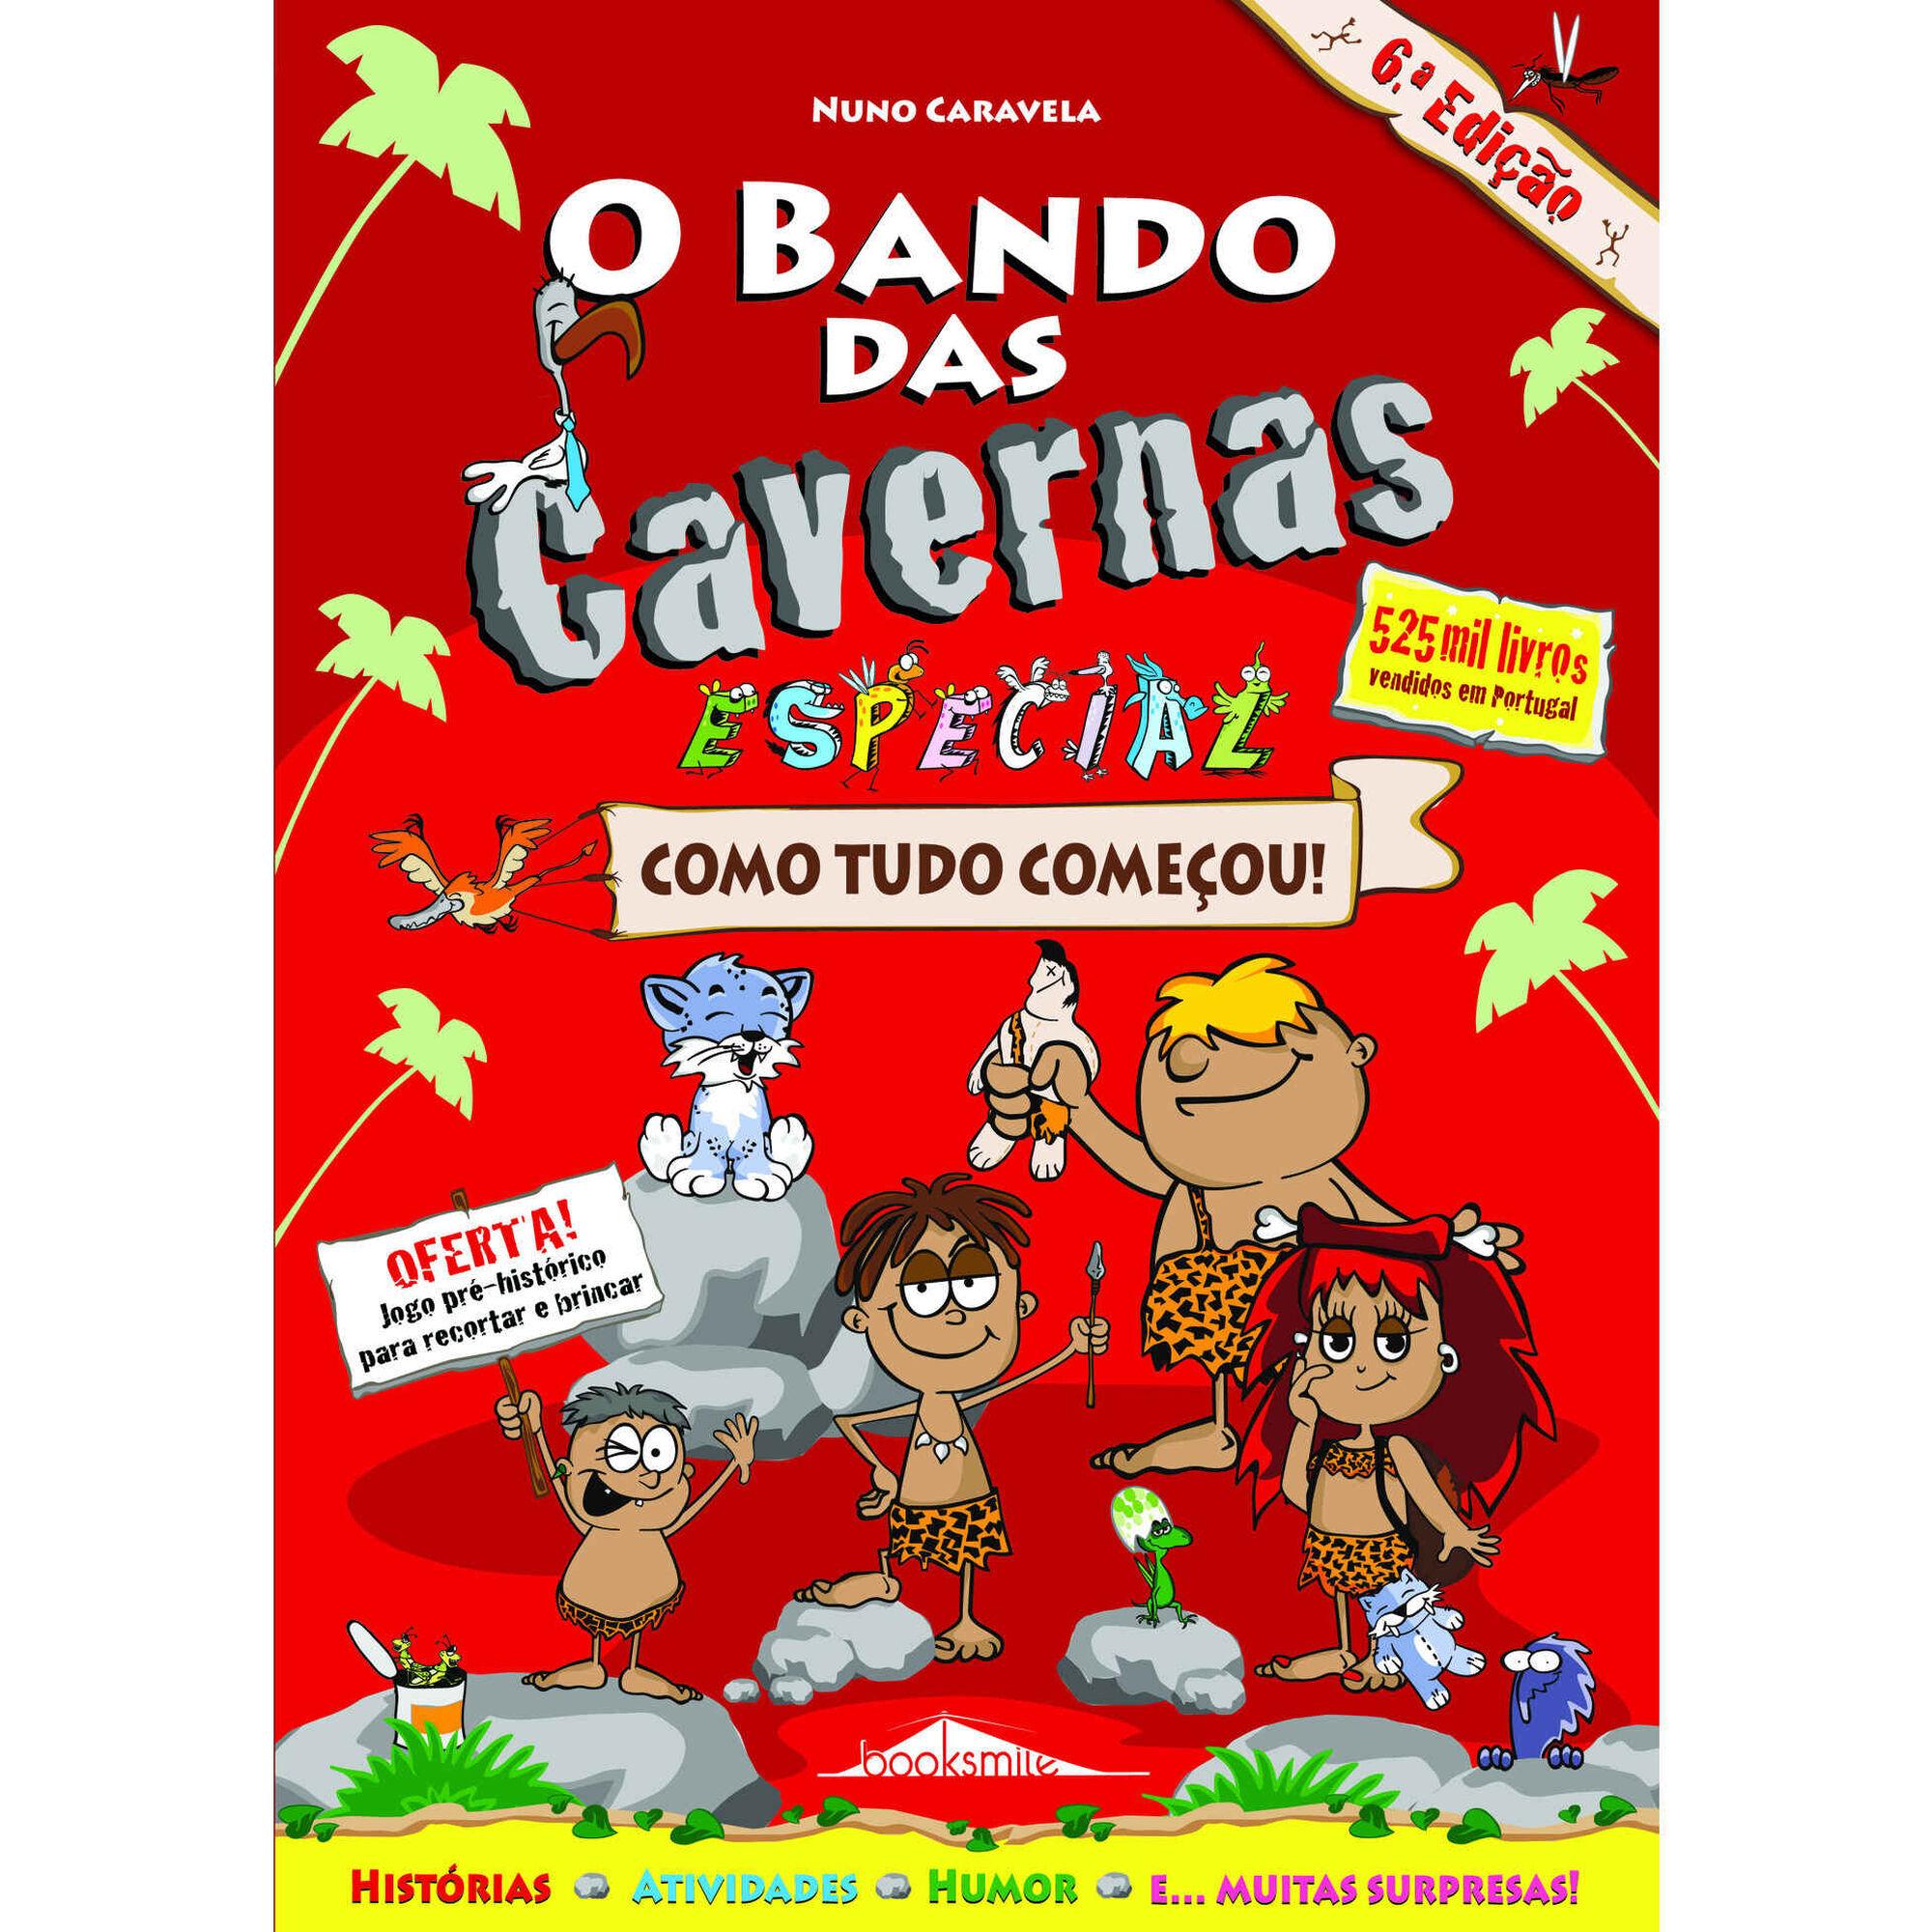 O Bando das Cavernas Nº 19 1/2 Especial